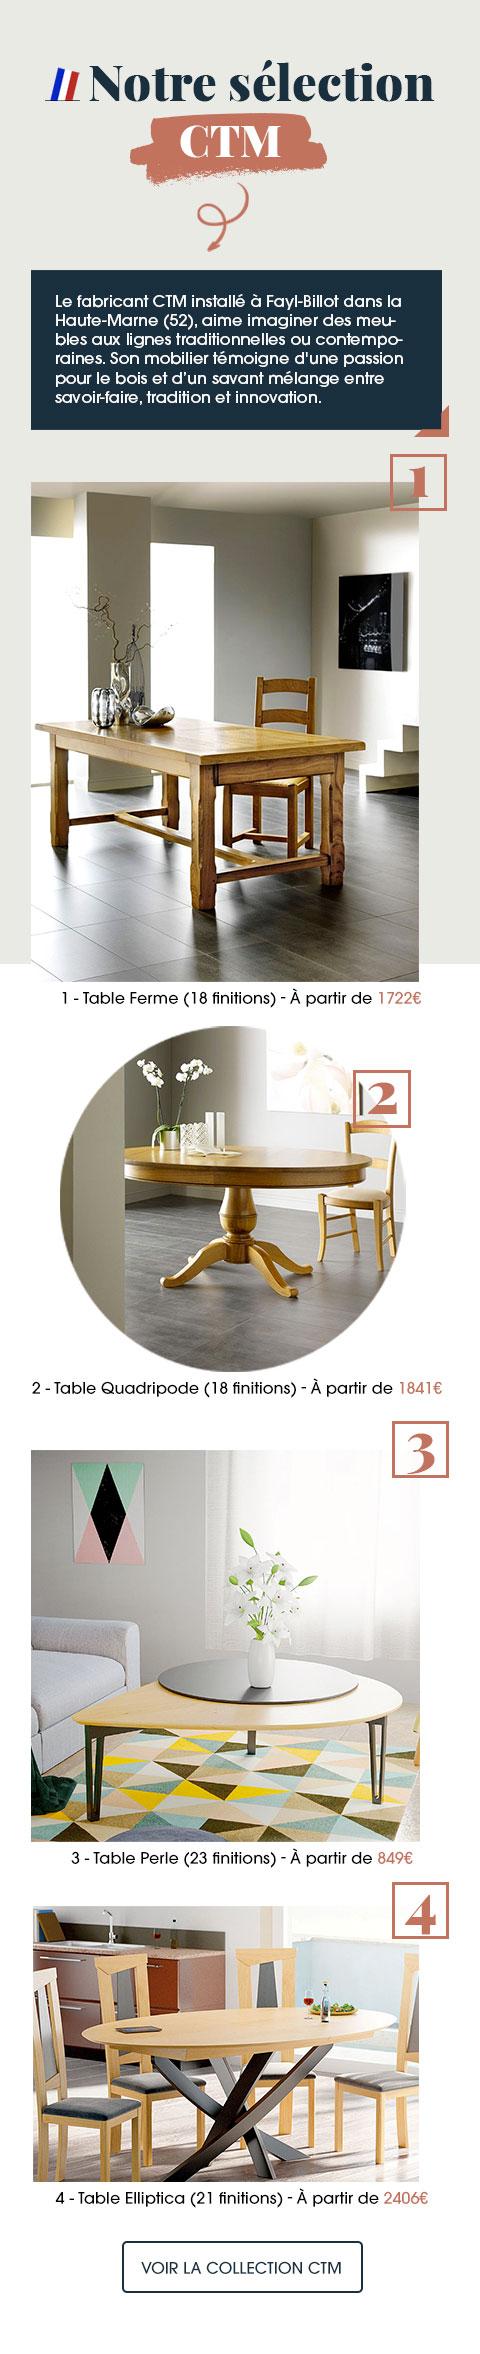 100% française, l'entreprise CTM est spécialisée dans le travail du bois.